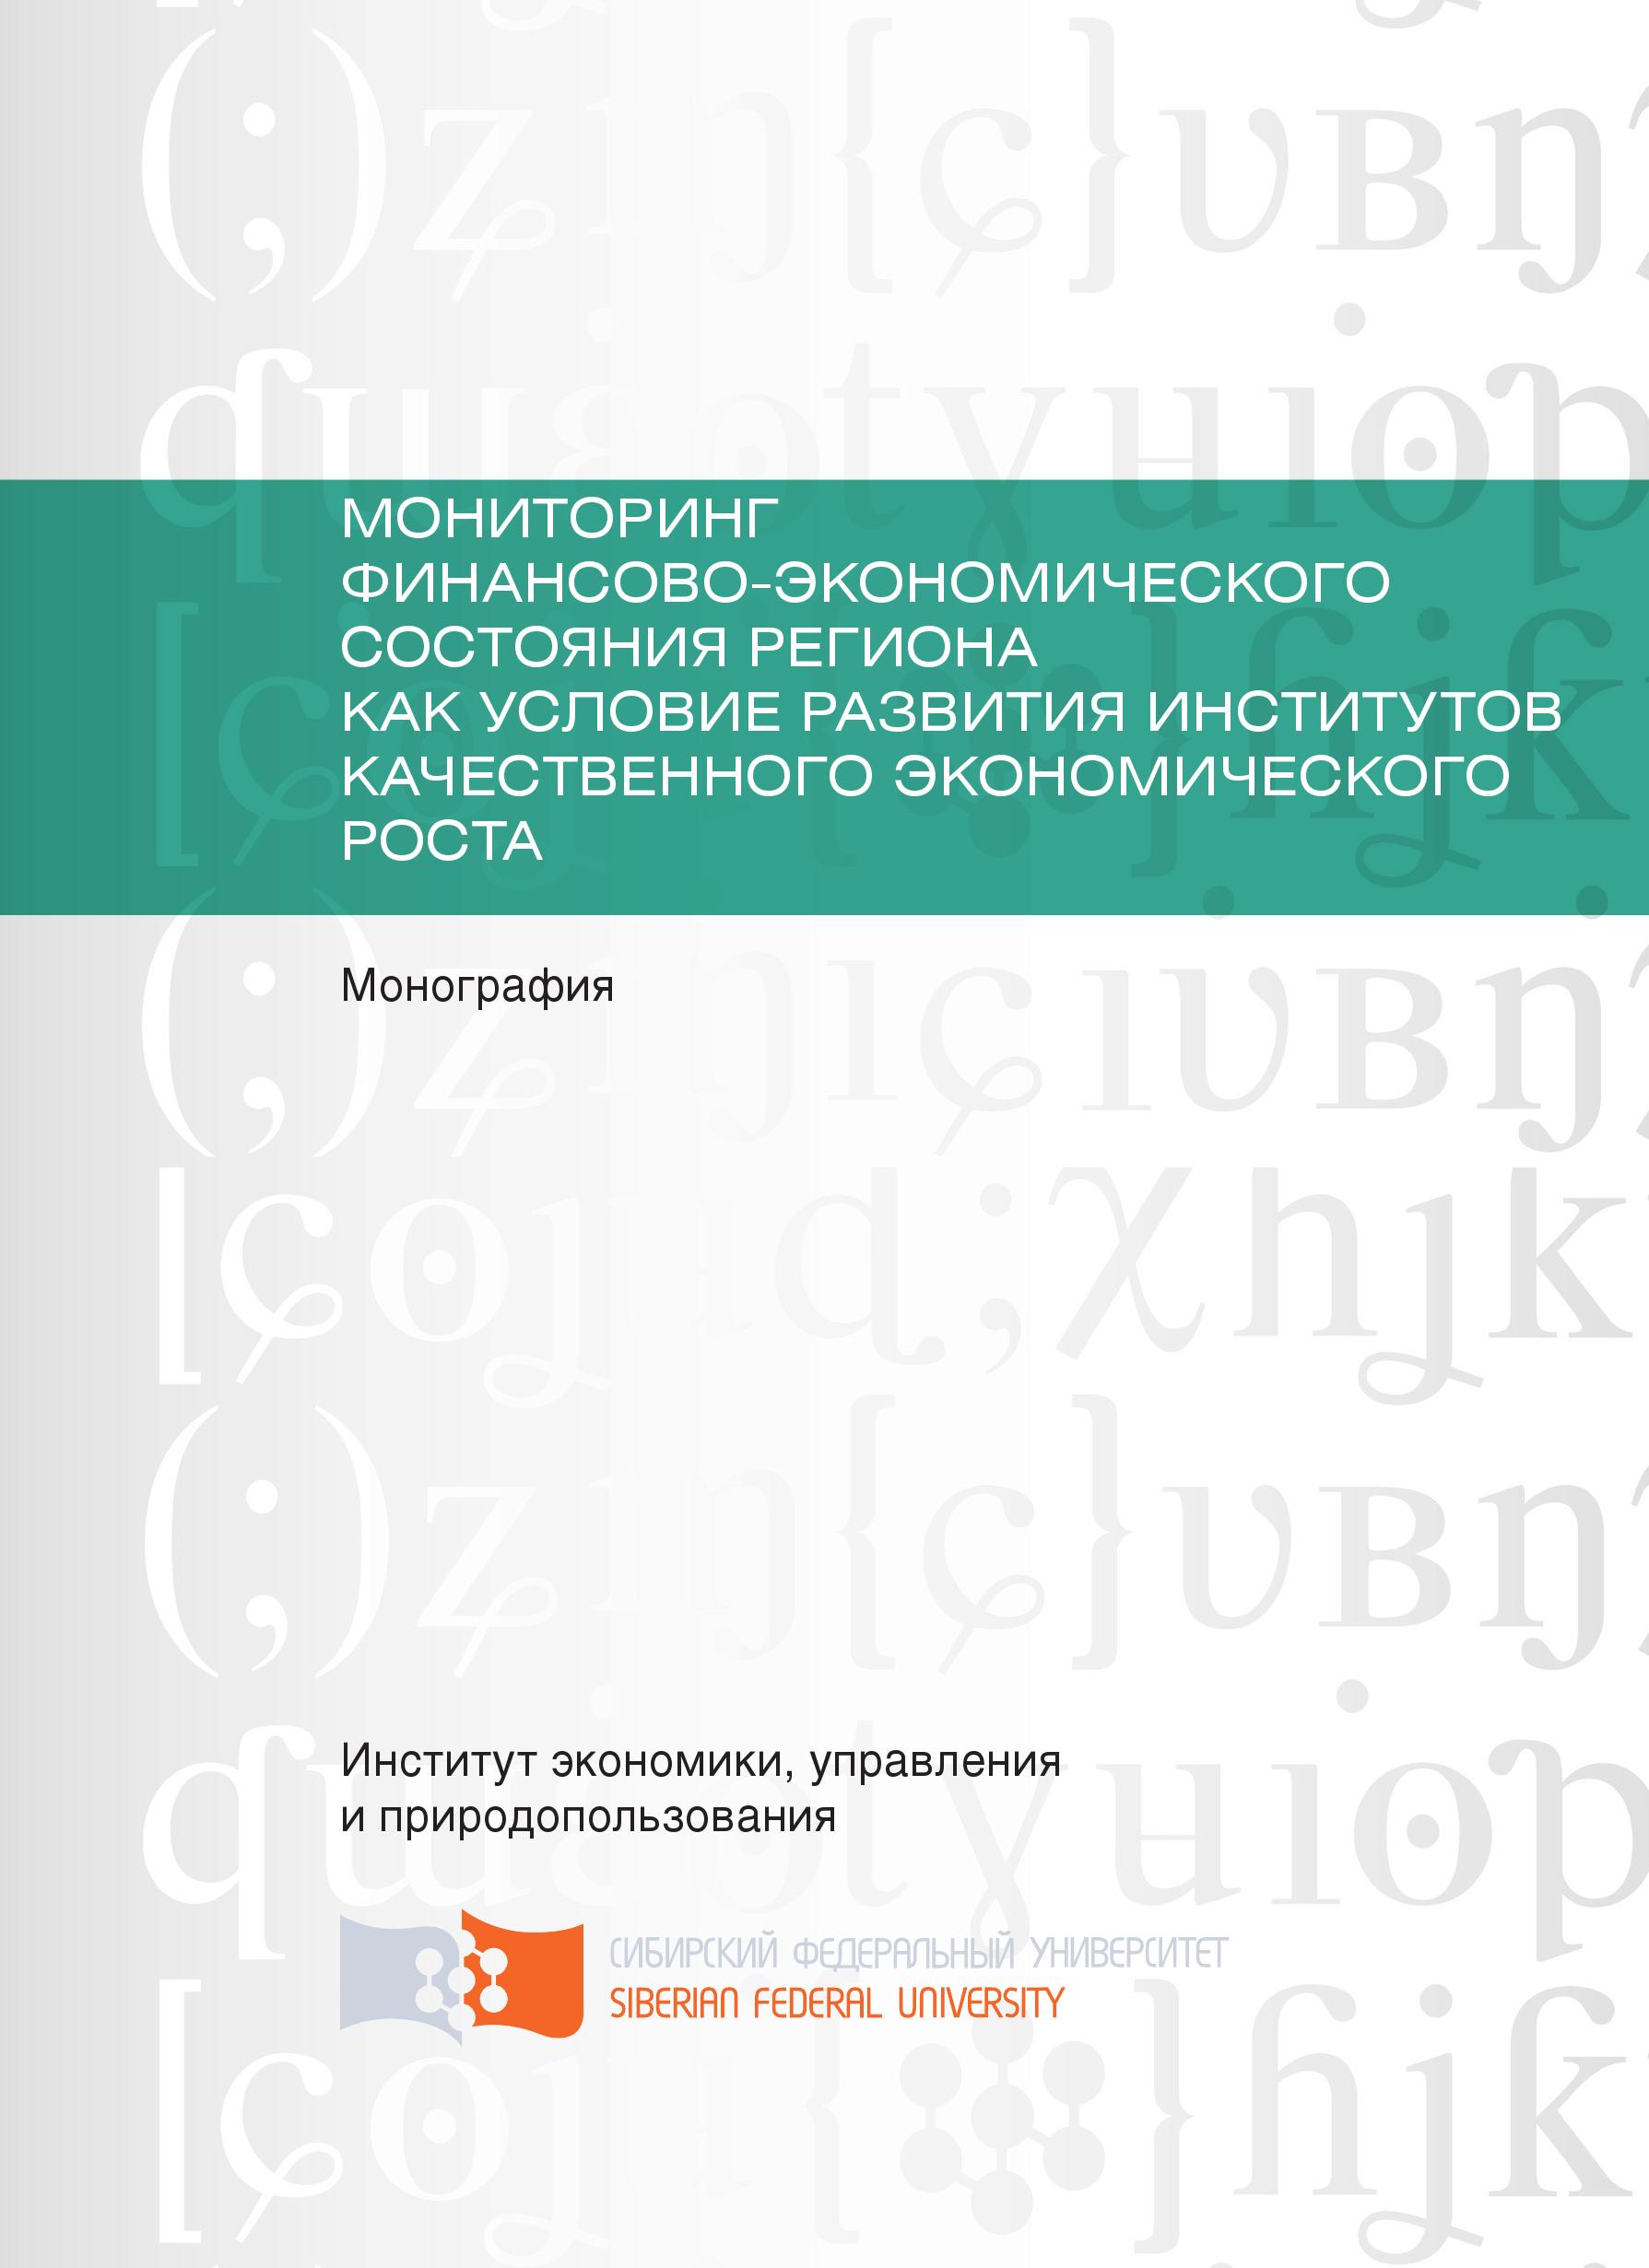 Мониторинг финансово-экономического состояния региона как условие развития институтов качественного экономического роста